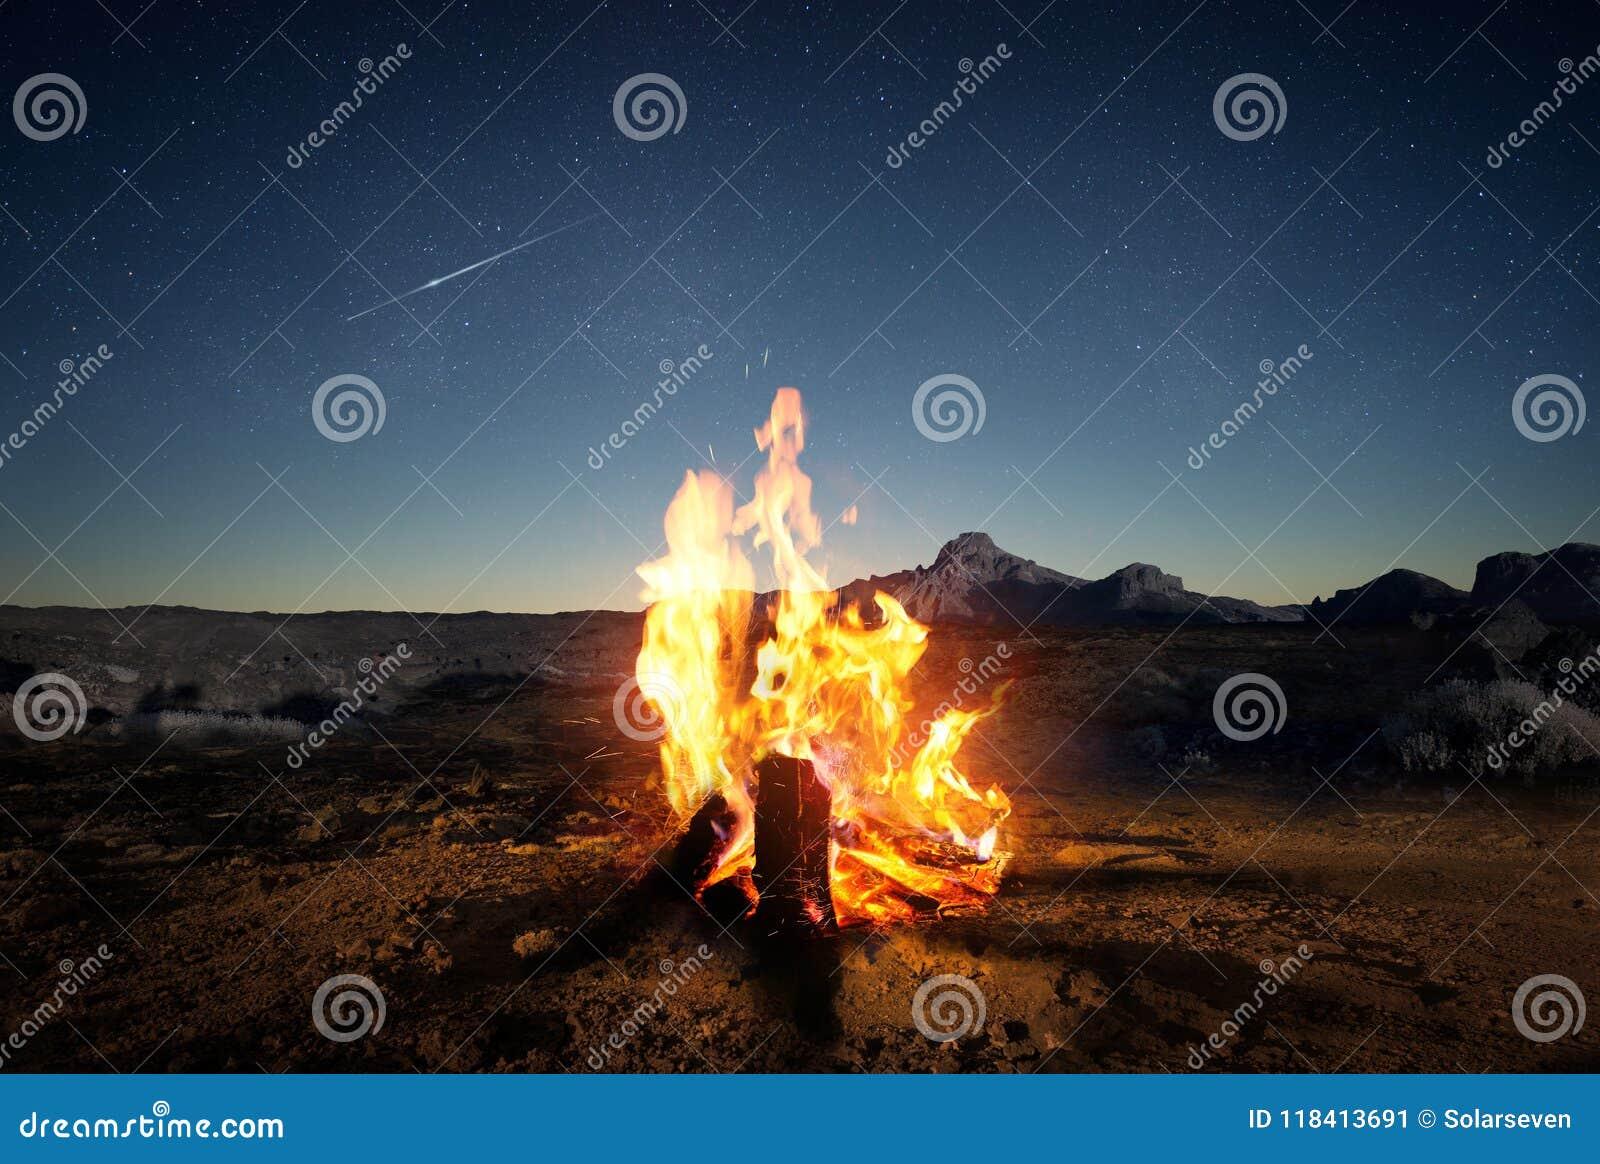 在黄昏的夏令营火